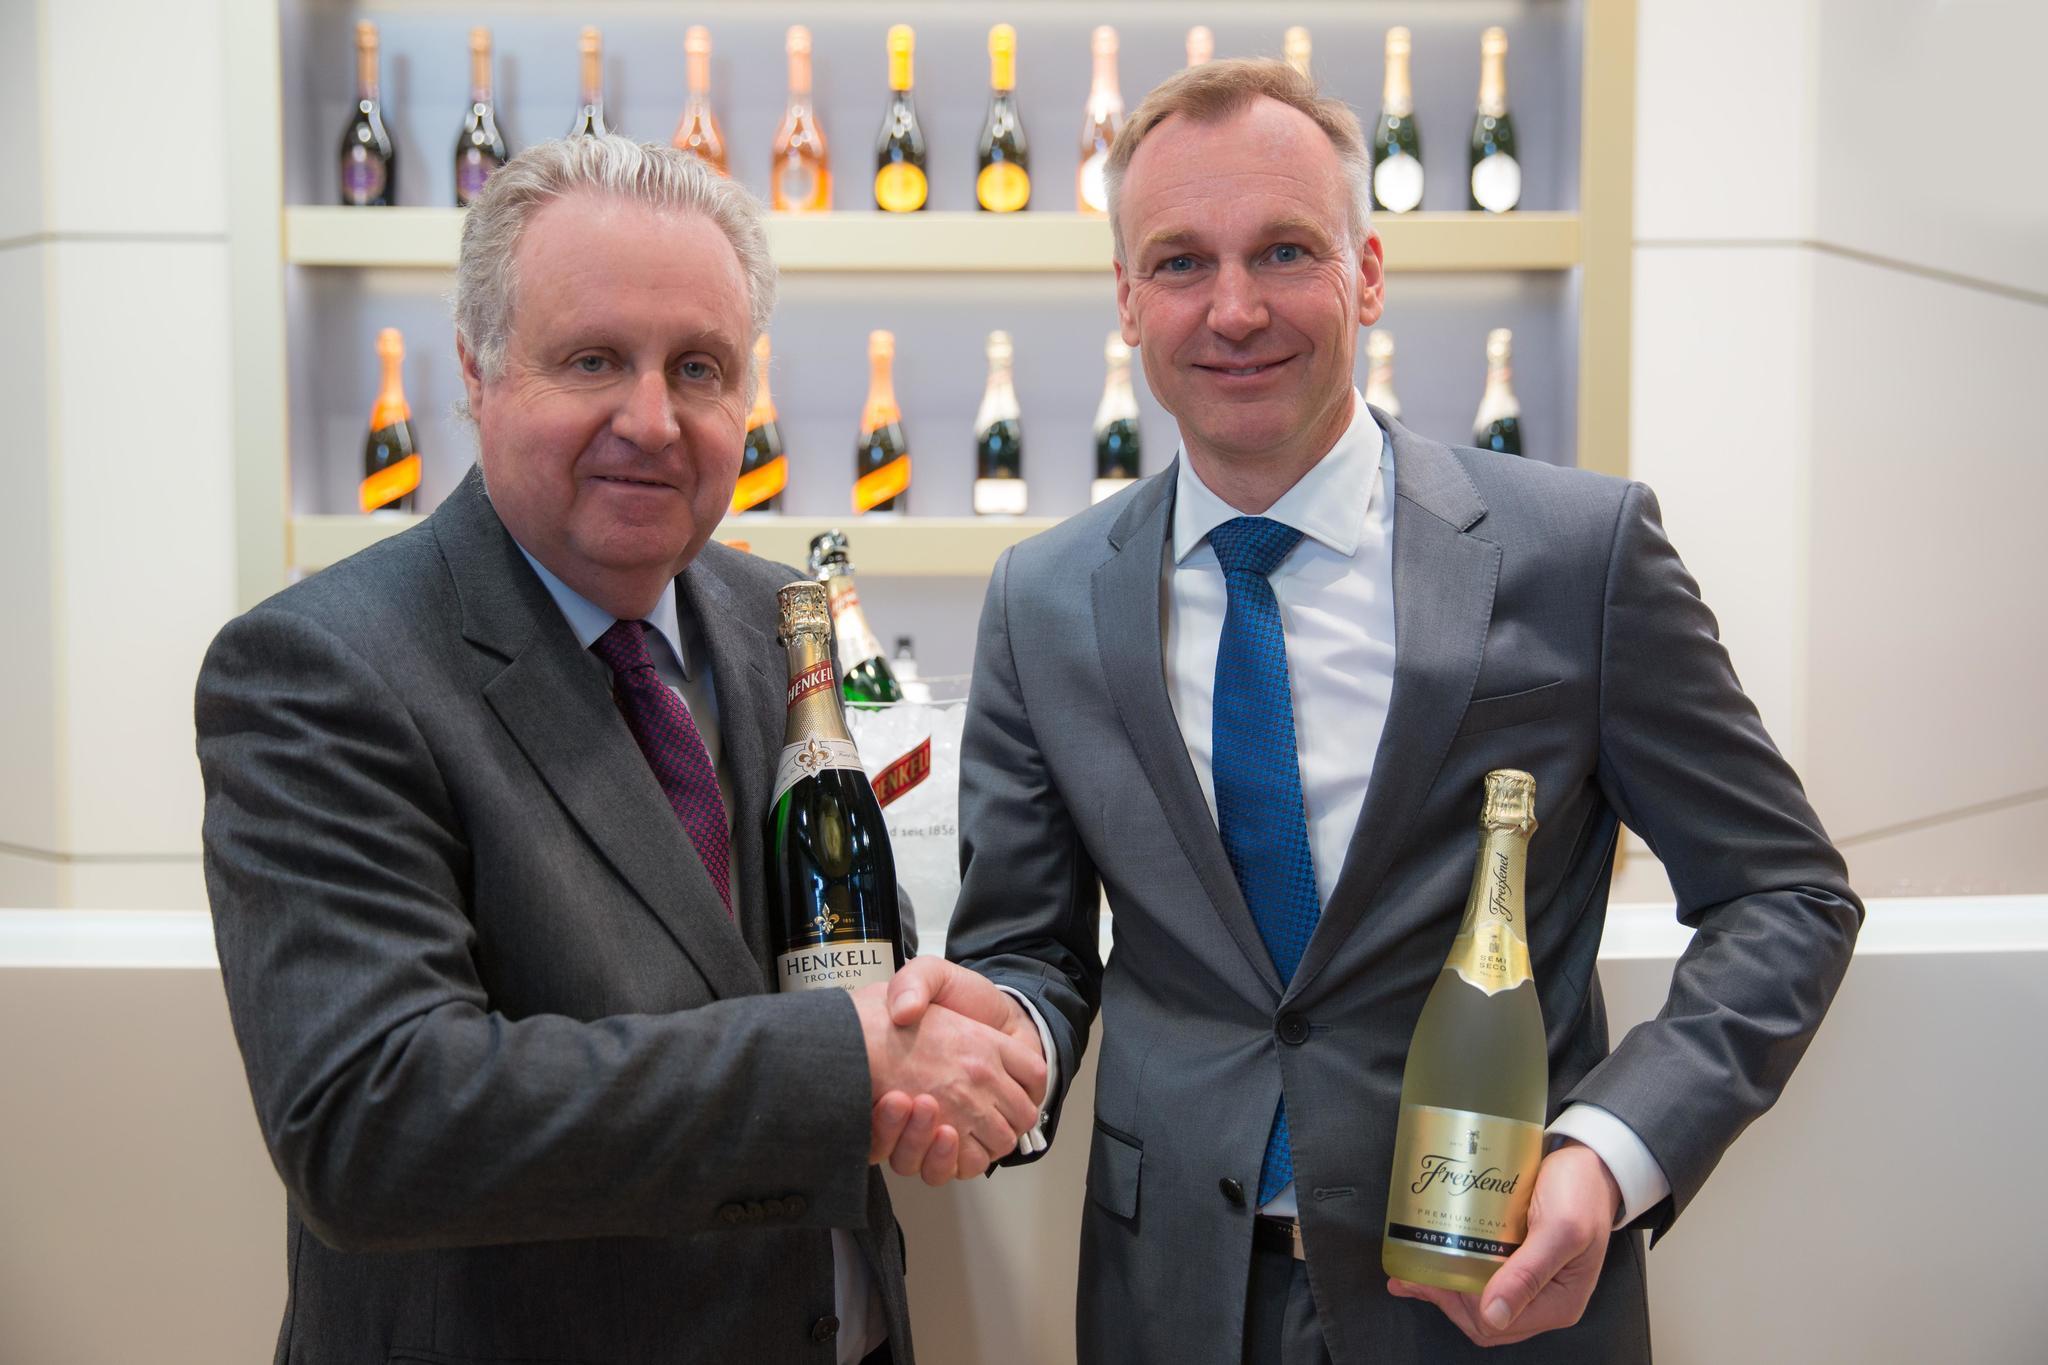 La familia Ferrer y Henkell controlarán al 50% el capital del grupo Freixenet